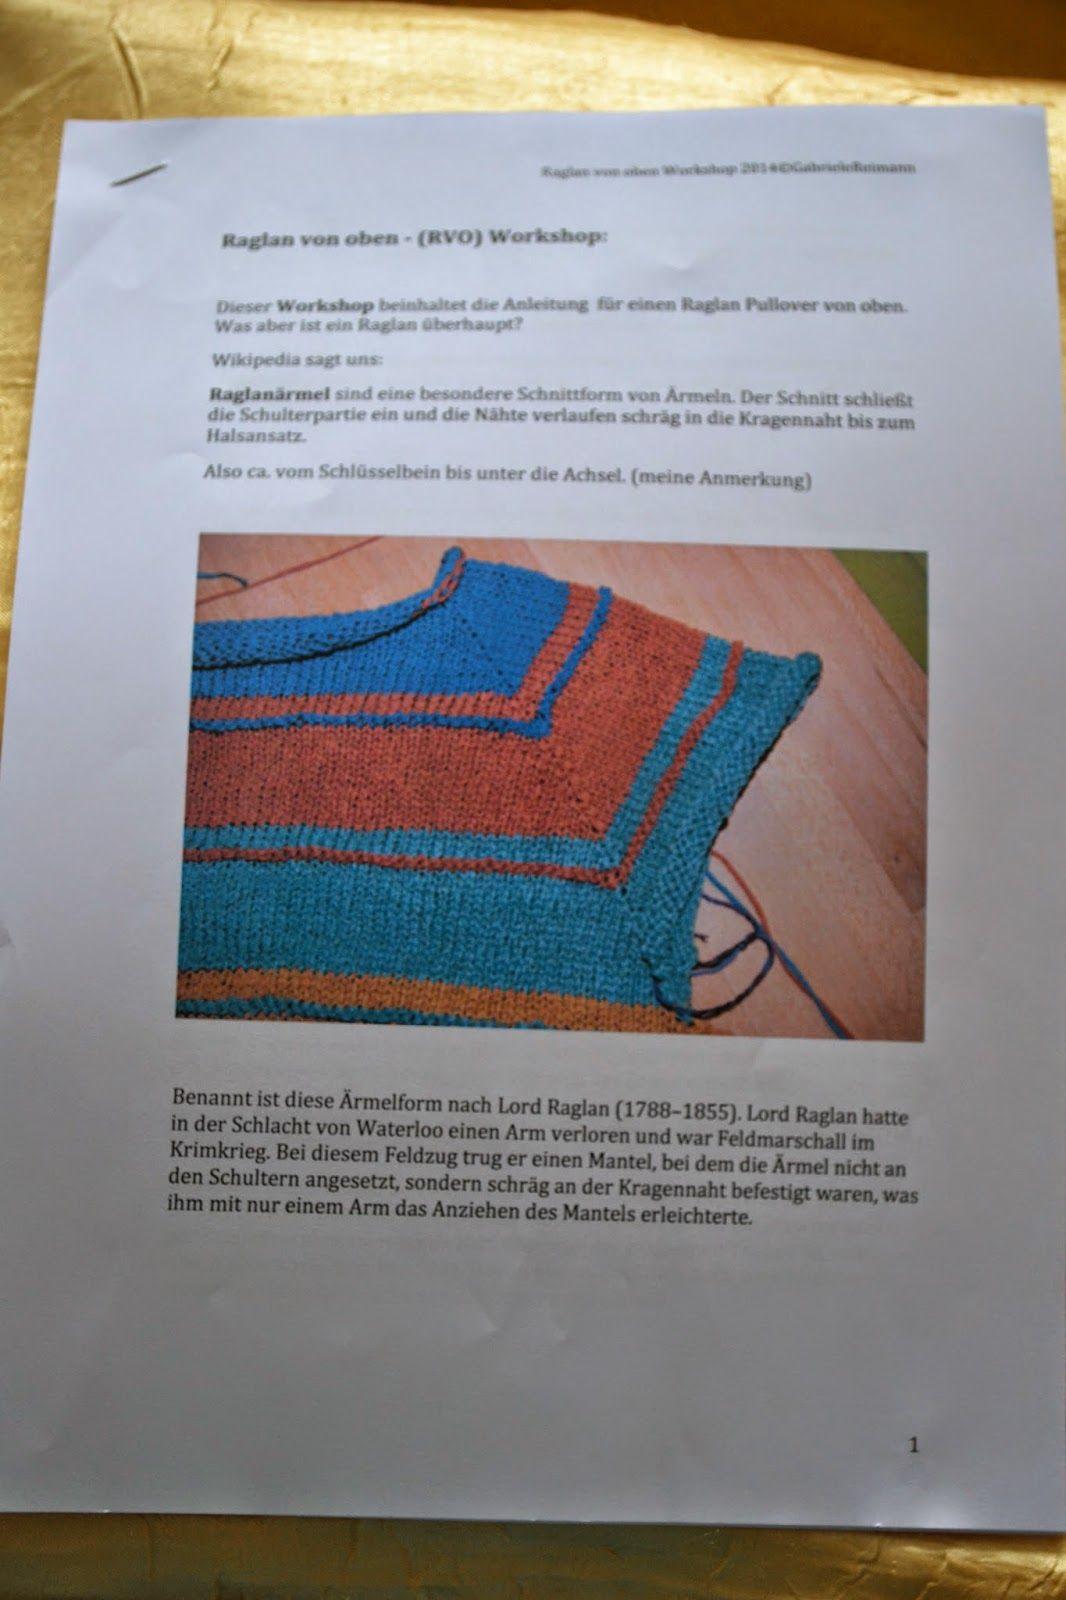 Tinas Woll Und Perlenecke Raglan Von Oben Rvo Stricken